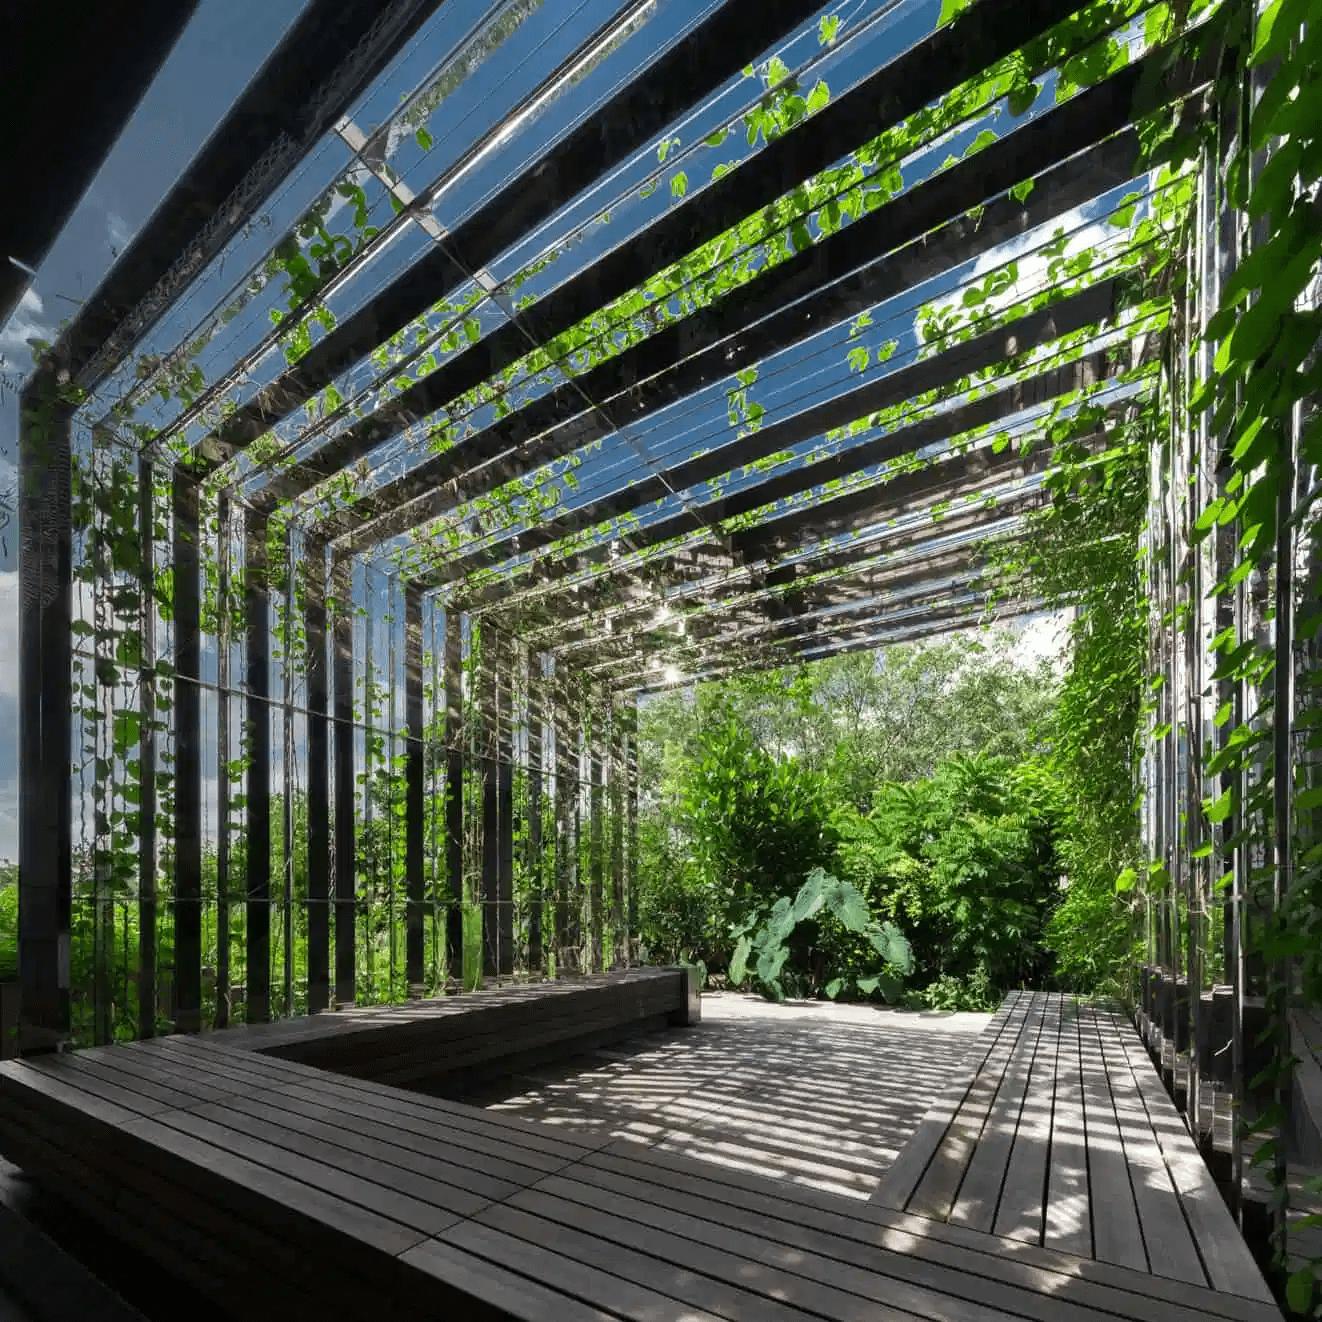 OUE Downtown gallery edible garden city - hidden gardens singapore